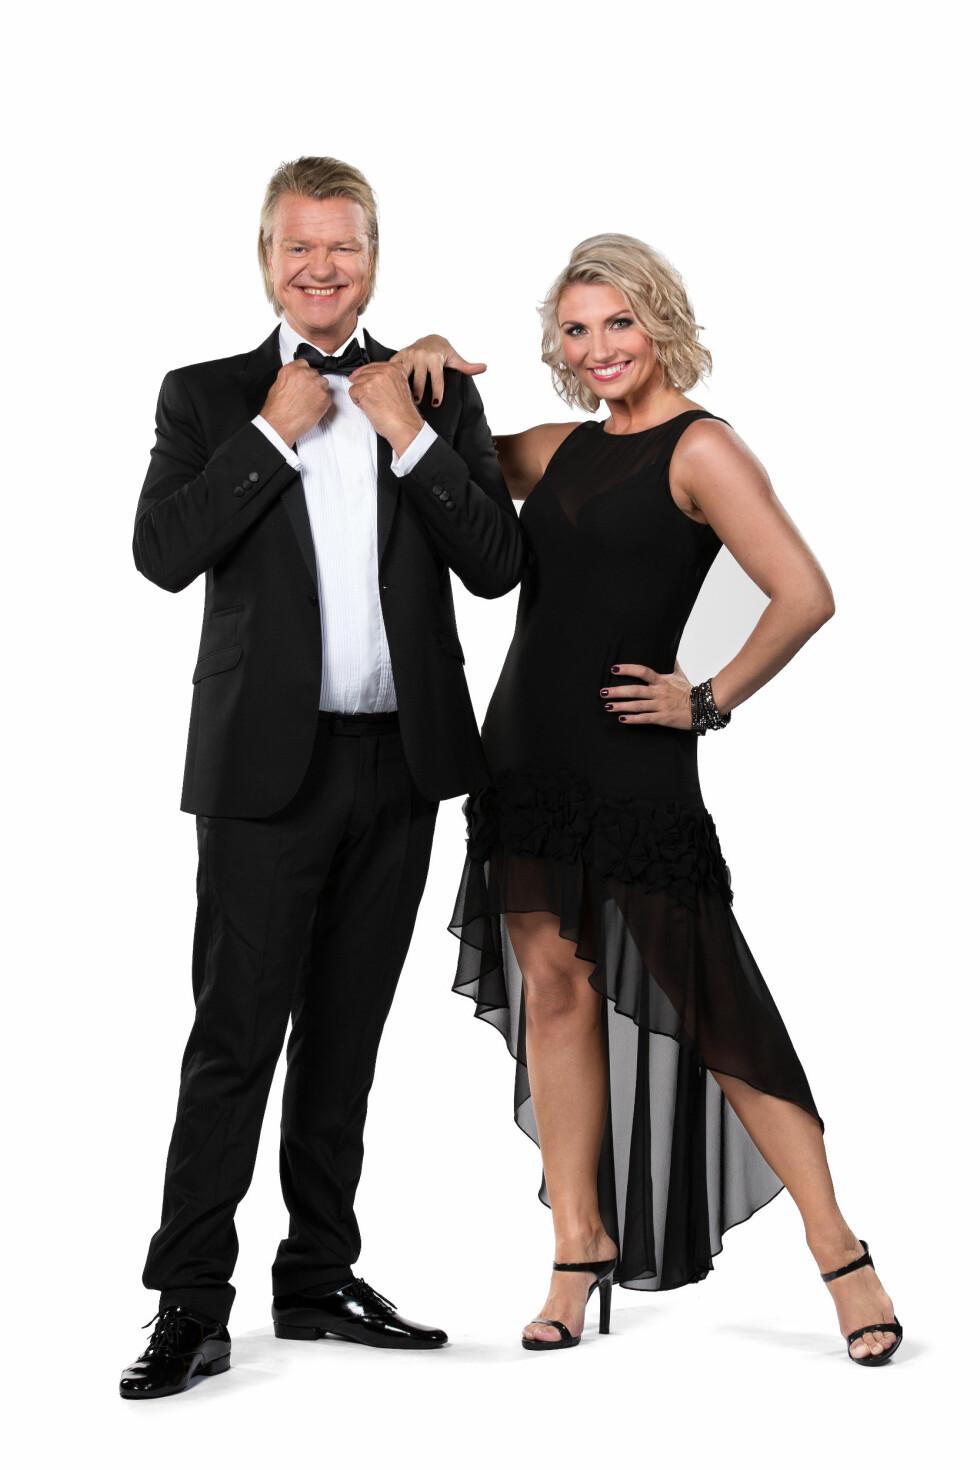 PARTNERE: Programleder Alex Rosén skal danse med Alexandra Kakurina. Foto: Espen Solli / TV2